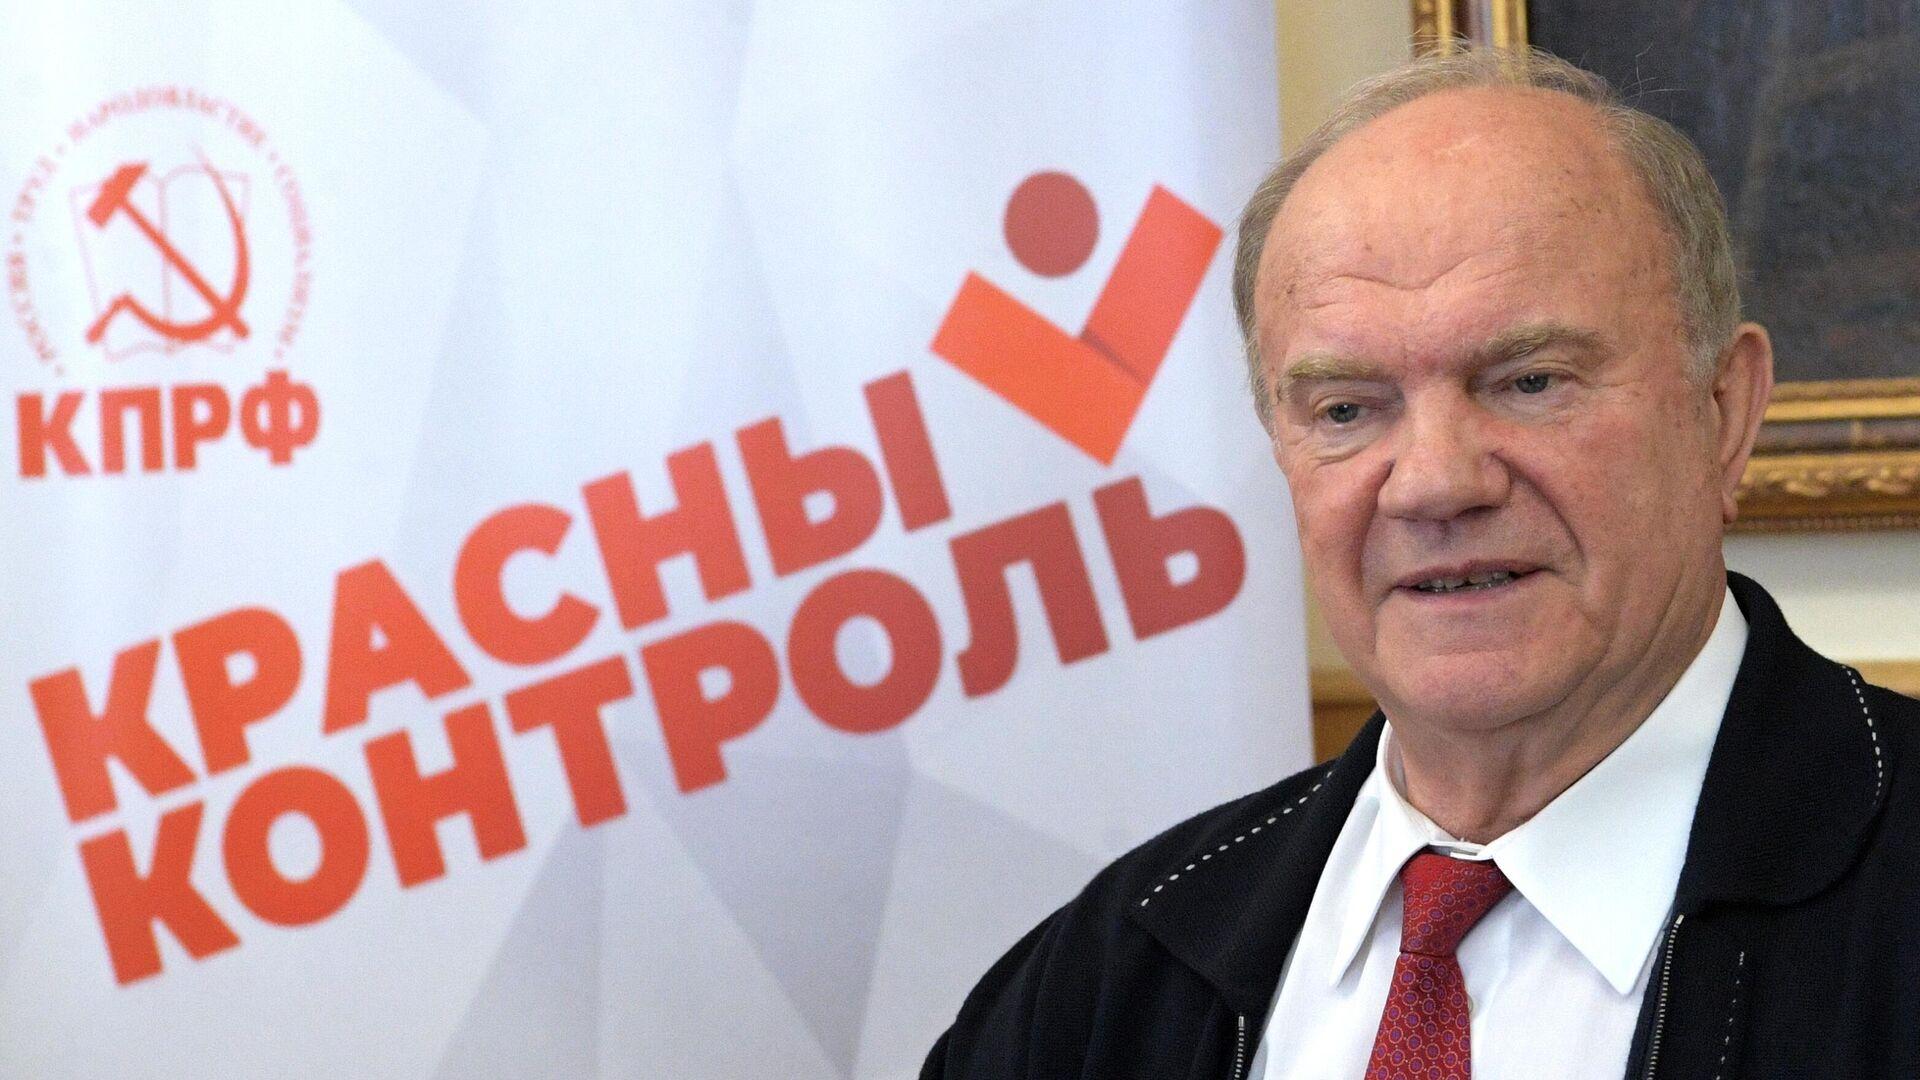 КПРФ подала в Мосгорсуд иск об отмене итогов выборов в 205-м округе